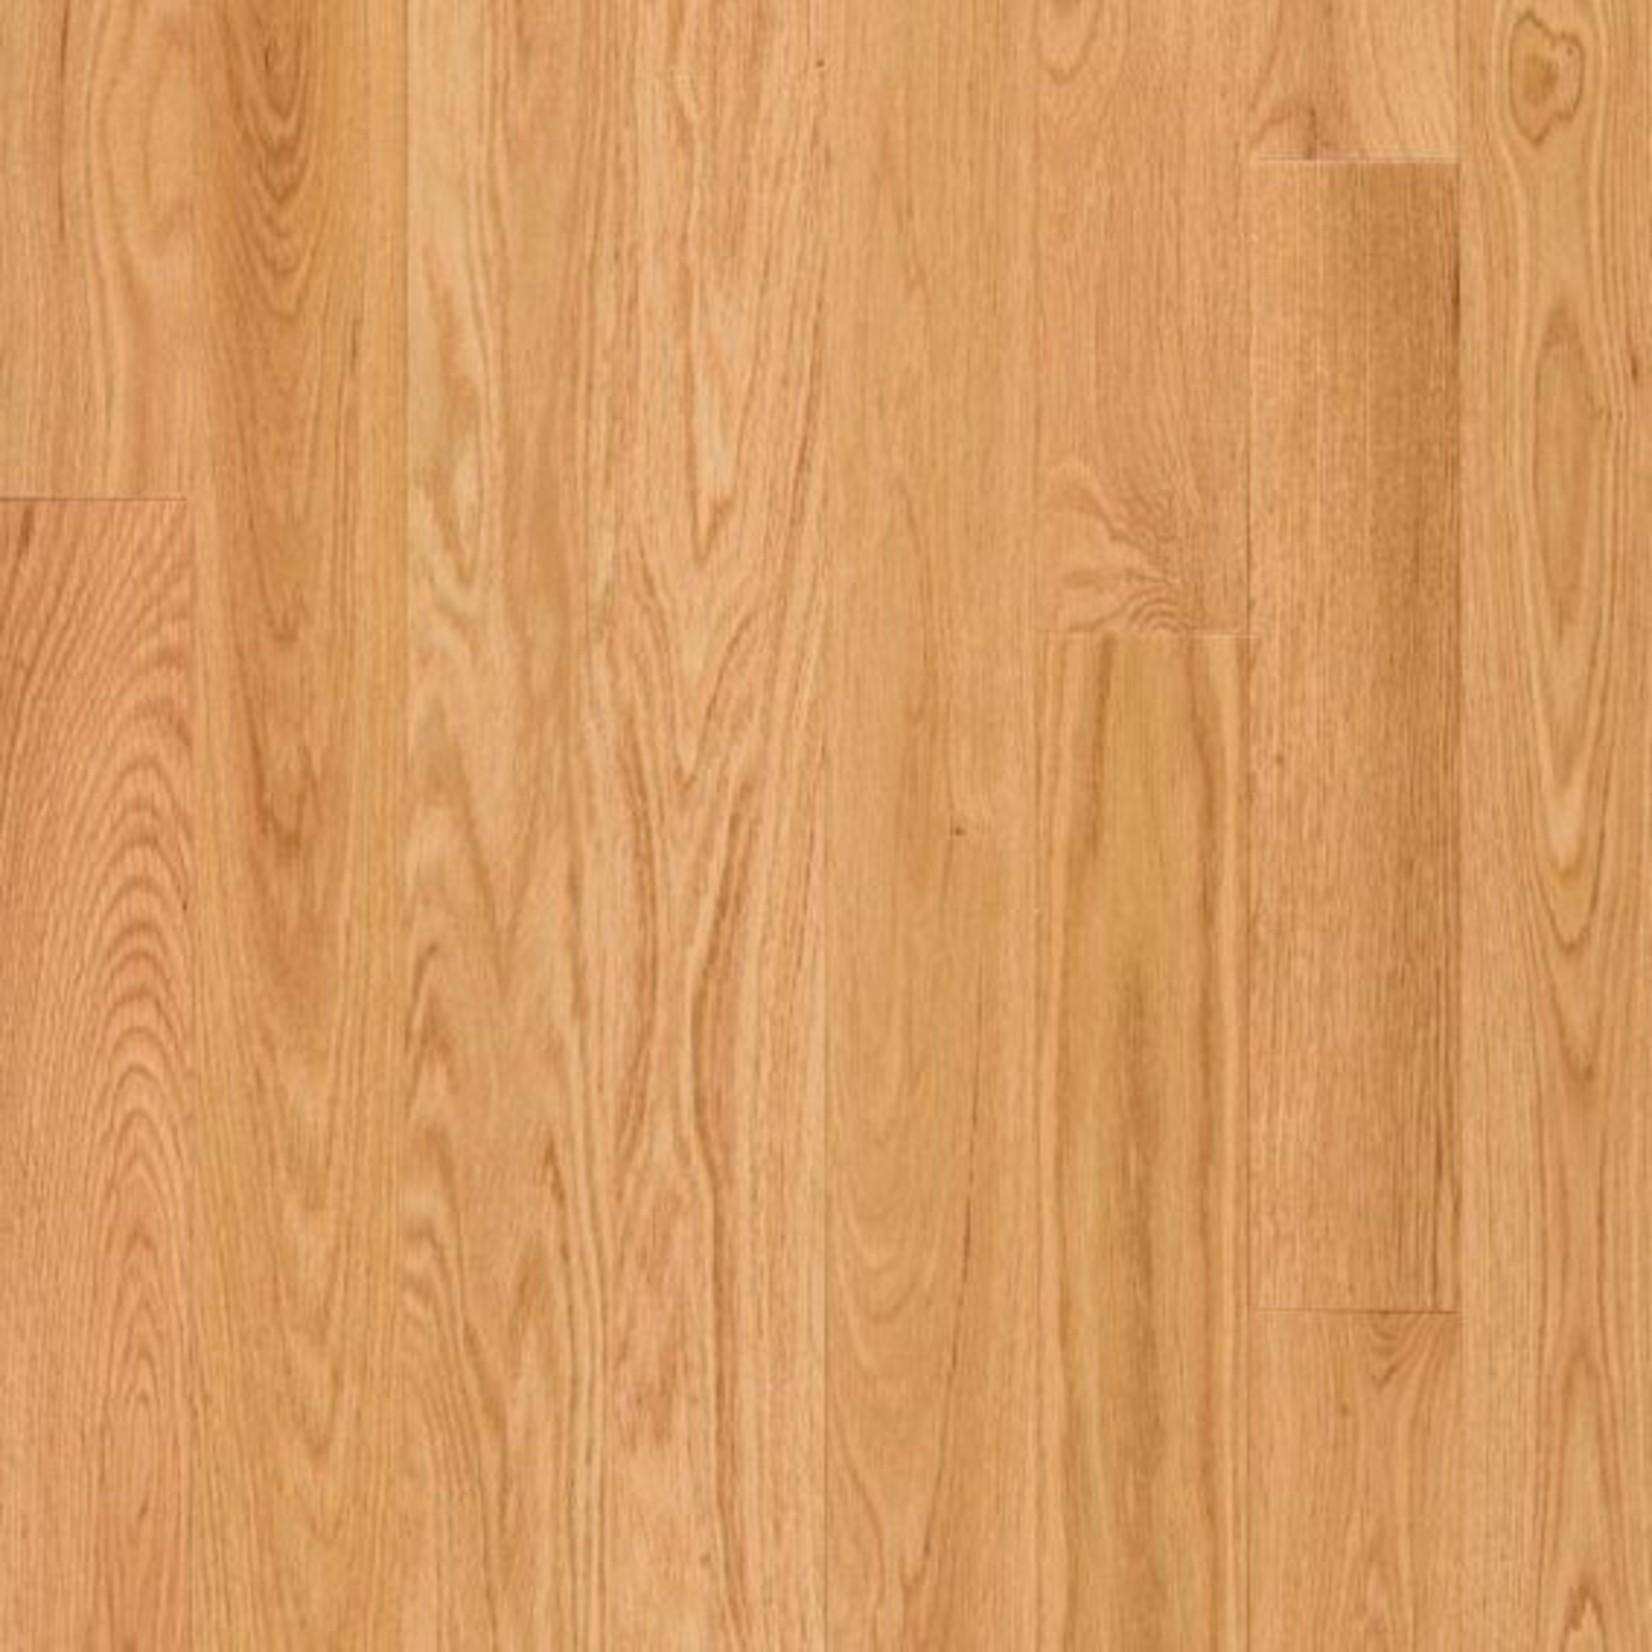 Dubeau Planchers Dubeau - Plancher Chêne rouge sélect verni mat 20%